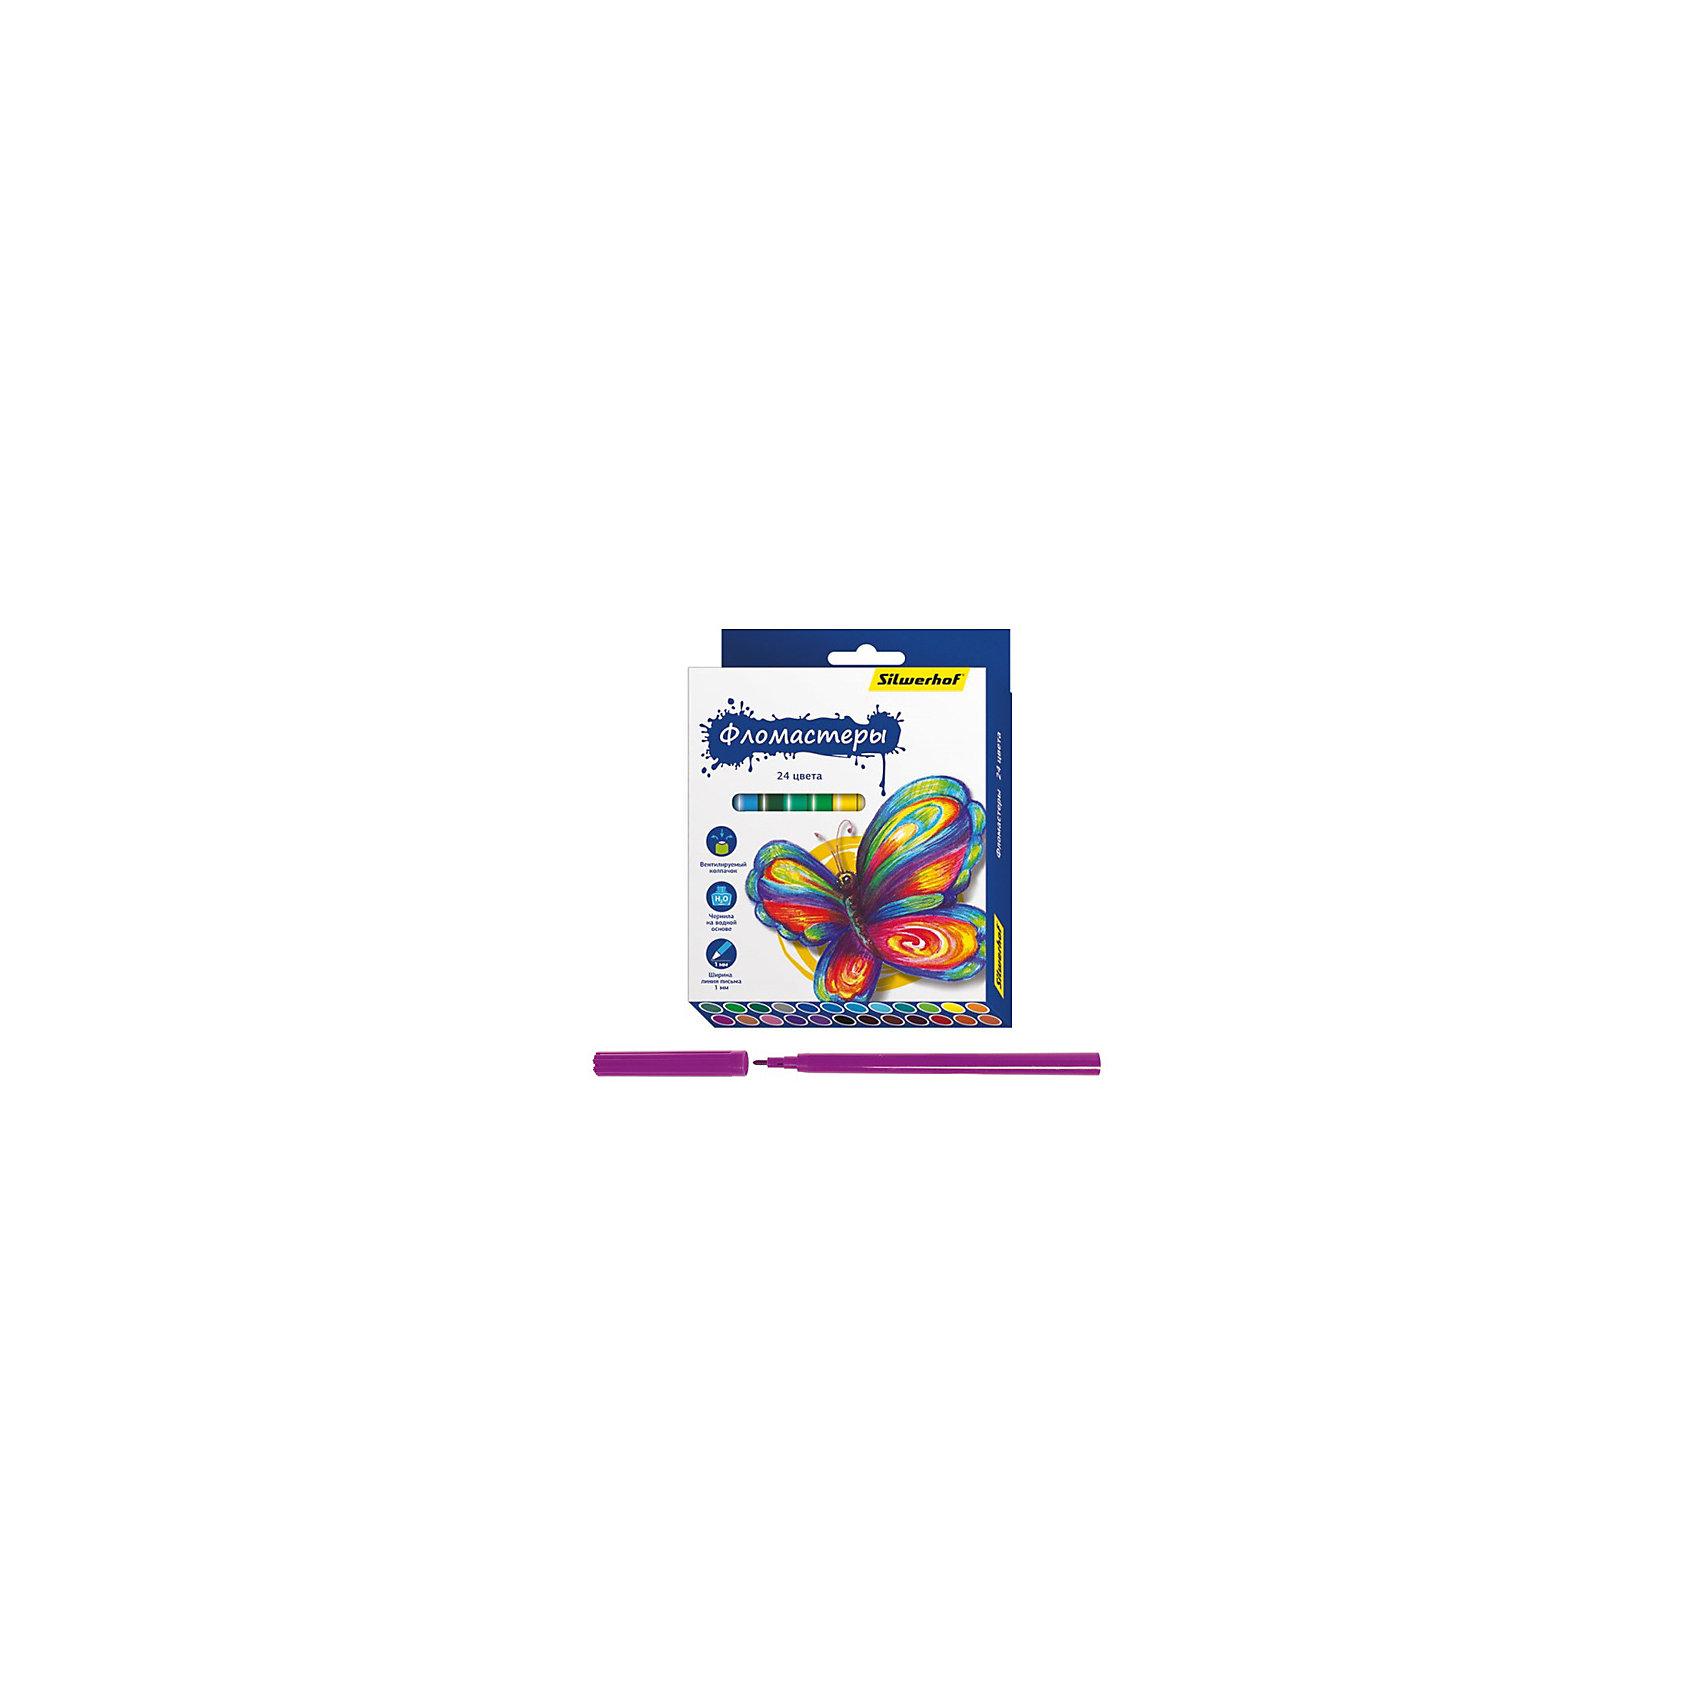 Фломастеры, 24цв, БАБОЧКИПисьменные принадлежности<br>Характеристики товара:<br><br>• материал: пластик<br>• комплектация: 24 шт<br>• вентилируемый колпачок<br>• упаковка: картонная коробка<br>• шестигранные<br>• размер фломастера: 9х153 мм<br>• страна бренда: Российская Федерация<br>• страна производства: Китай<br><br>Сделать творчество и учебу интереснее для ребенка поможет этот набор цветных фломастеров! Ими не только гораздо веселее рисовать, чем маленьким набором, такие фломастеры удобно хранить в картонной коробке. Они отличаются яркими цветами - ребенок будет в восторге!<br>Изделия качественно выполнены, сделаны из безопасных для детей материалов. Рисование помогает детям лучше развить мелкую моторику, память, внимание, аккуратность и мышление. Такой набор - отличный подарок ребенку!<br><br>Фломастеры, 24 цв, БАБОЧКИ, от бренда Silwerhof можно купить в нашем интернет-магазине.<br><br>Ширина мм: 155<br>Глубина мм: 115<br>Высота мм: 15<br>Вес г: 130<br>Возраст от месяцев: 36<br>Возраст до месяцев: 144<br>Пол: Унисекс<br>Возраст: Детский<br>SKU: 5020509